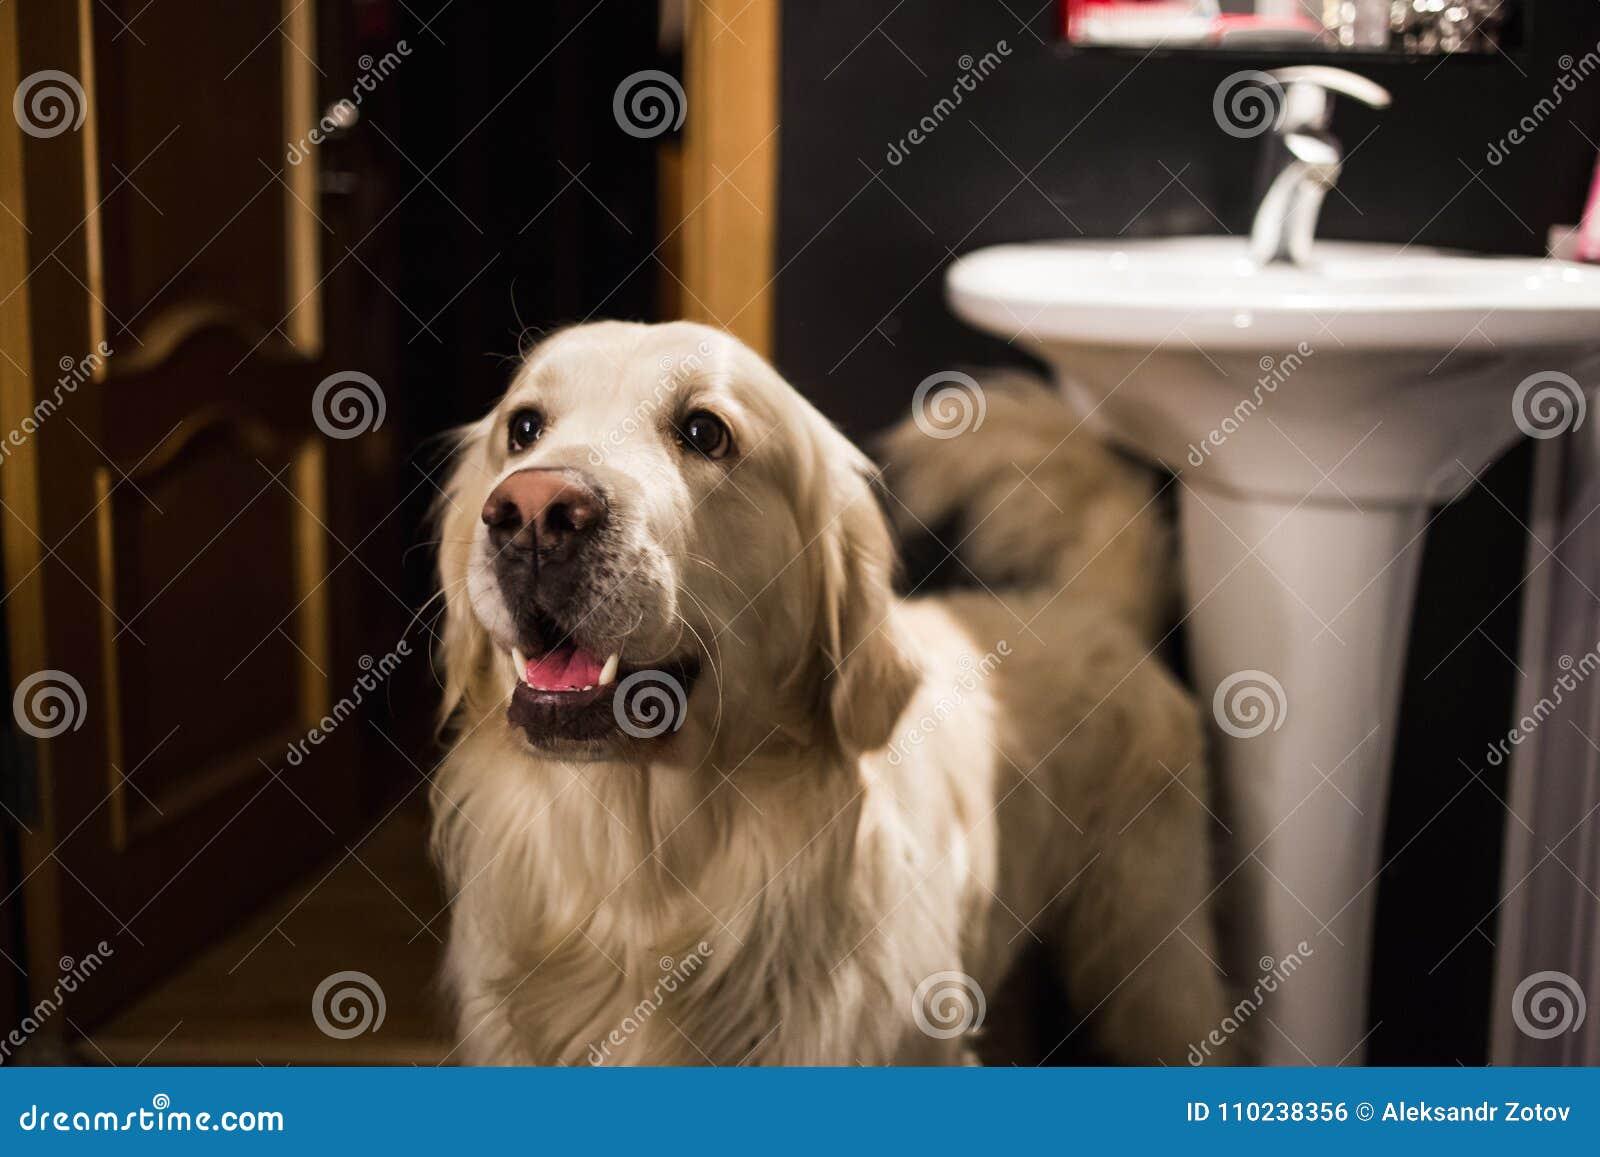 Großer glücklicher Hund, der in einem beiseite schauenden und lächelnden Badezimmer steht